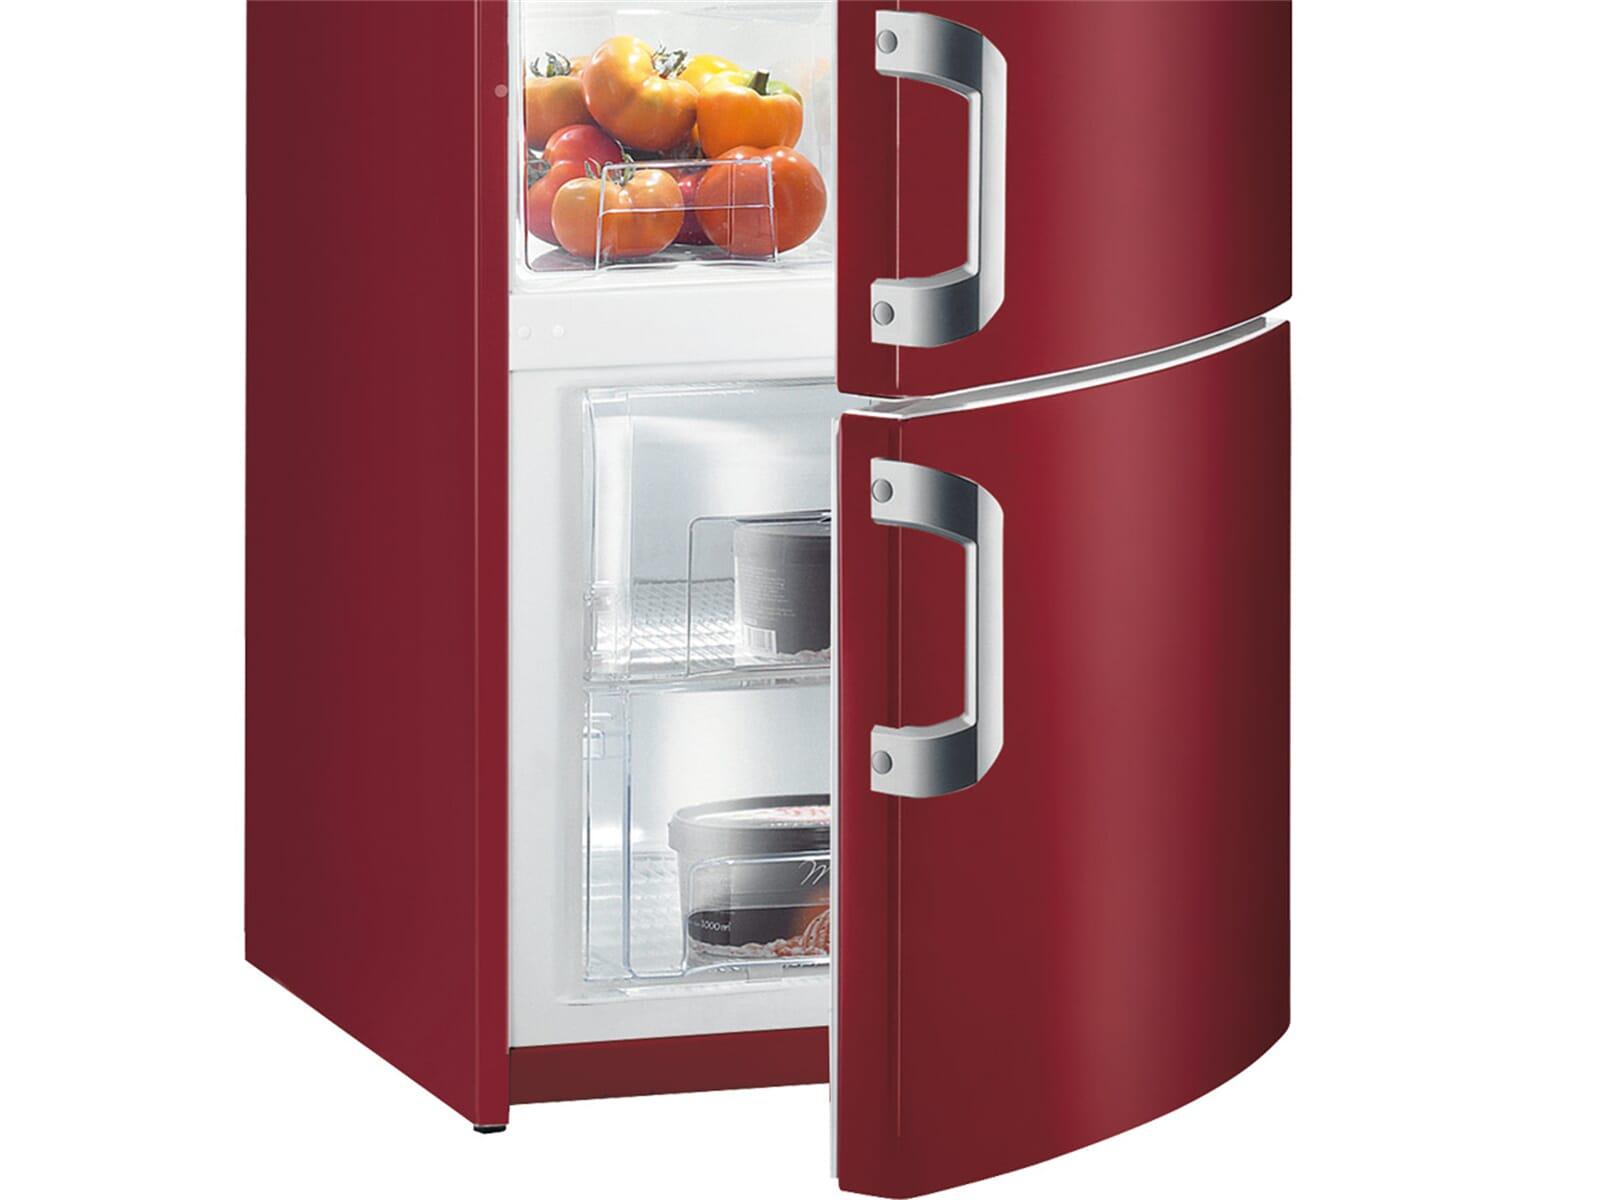 Retro Kühlschrank Testsieger : Gorenje r brd kühlschrank test